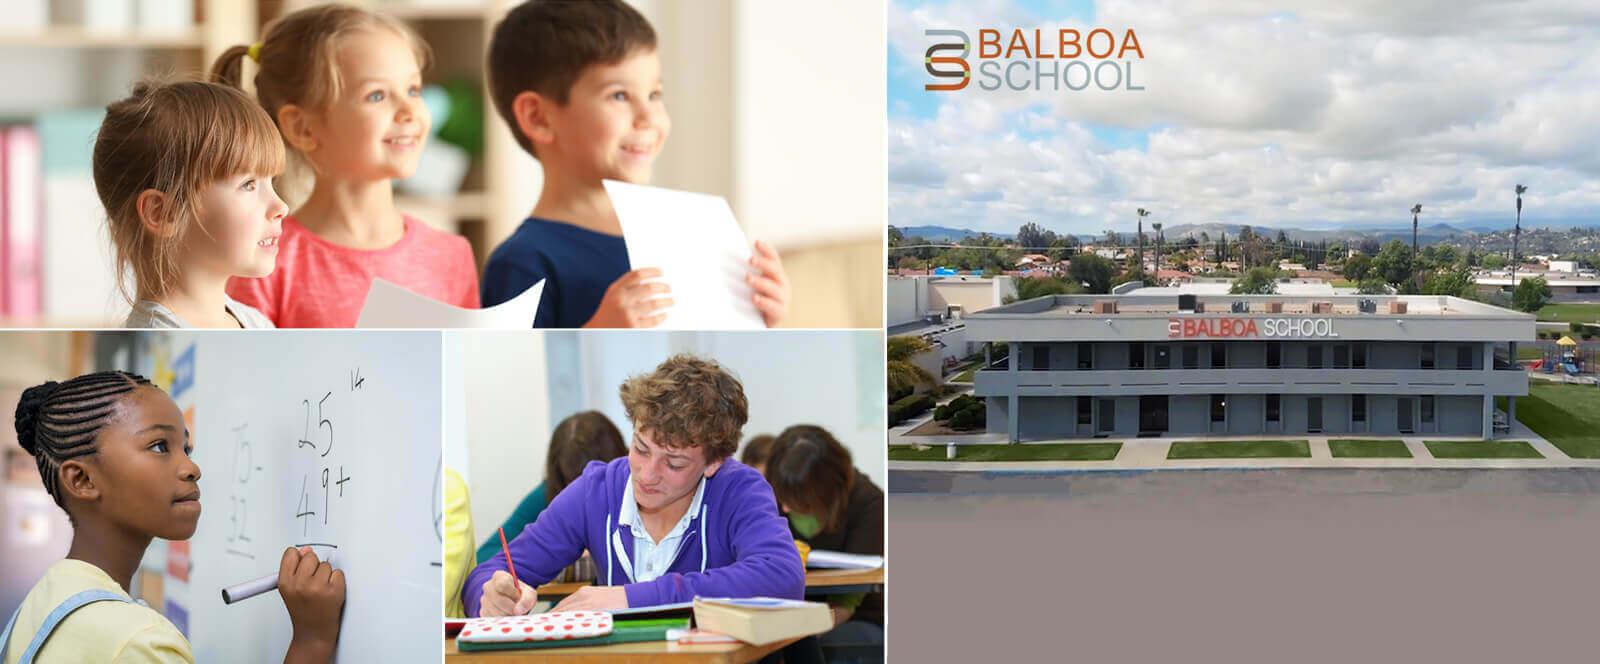 balboa schools